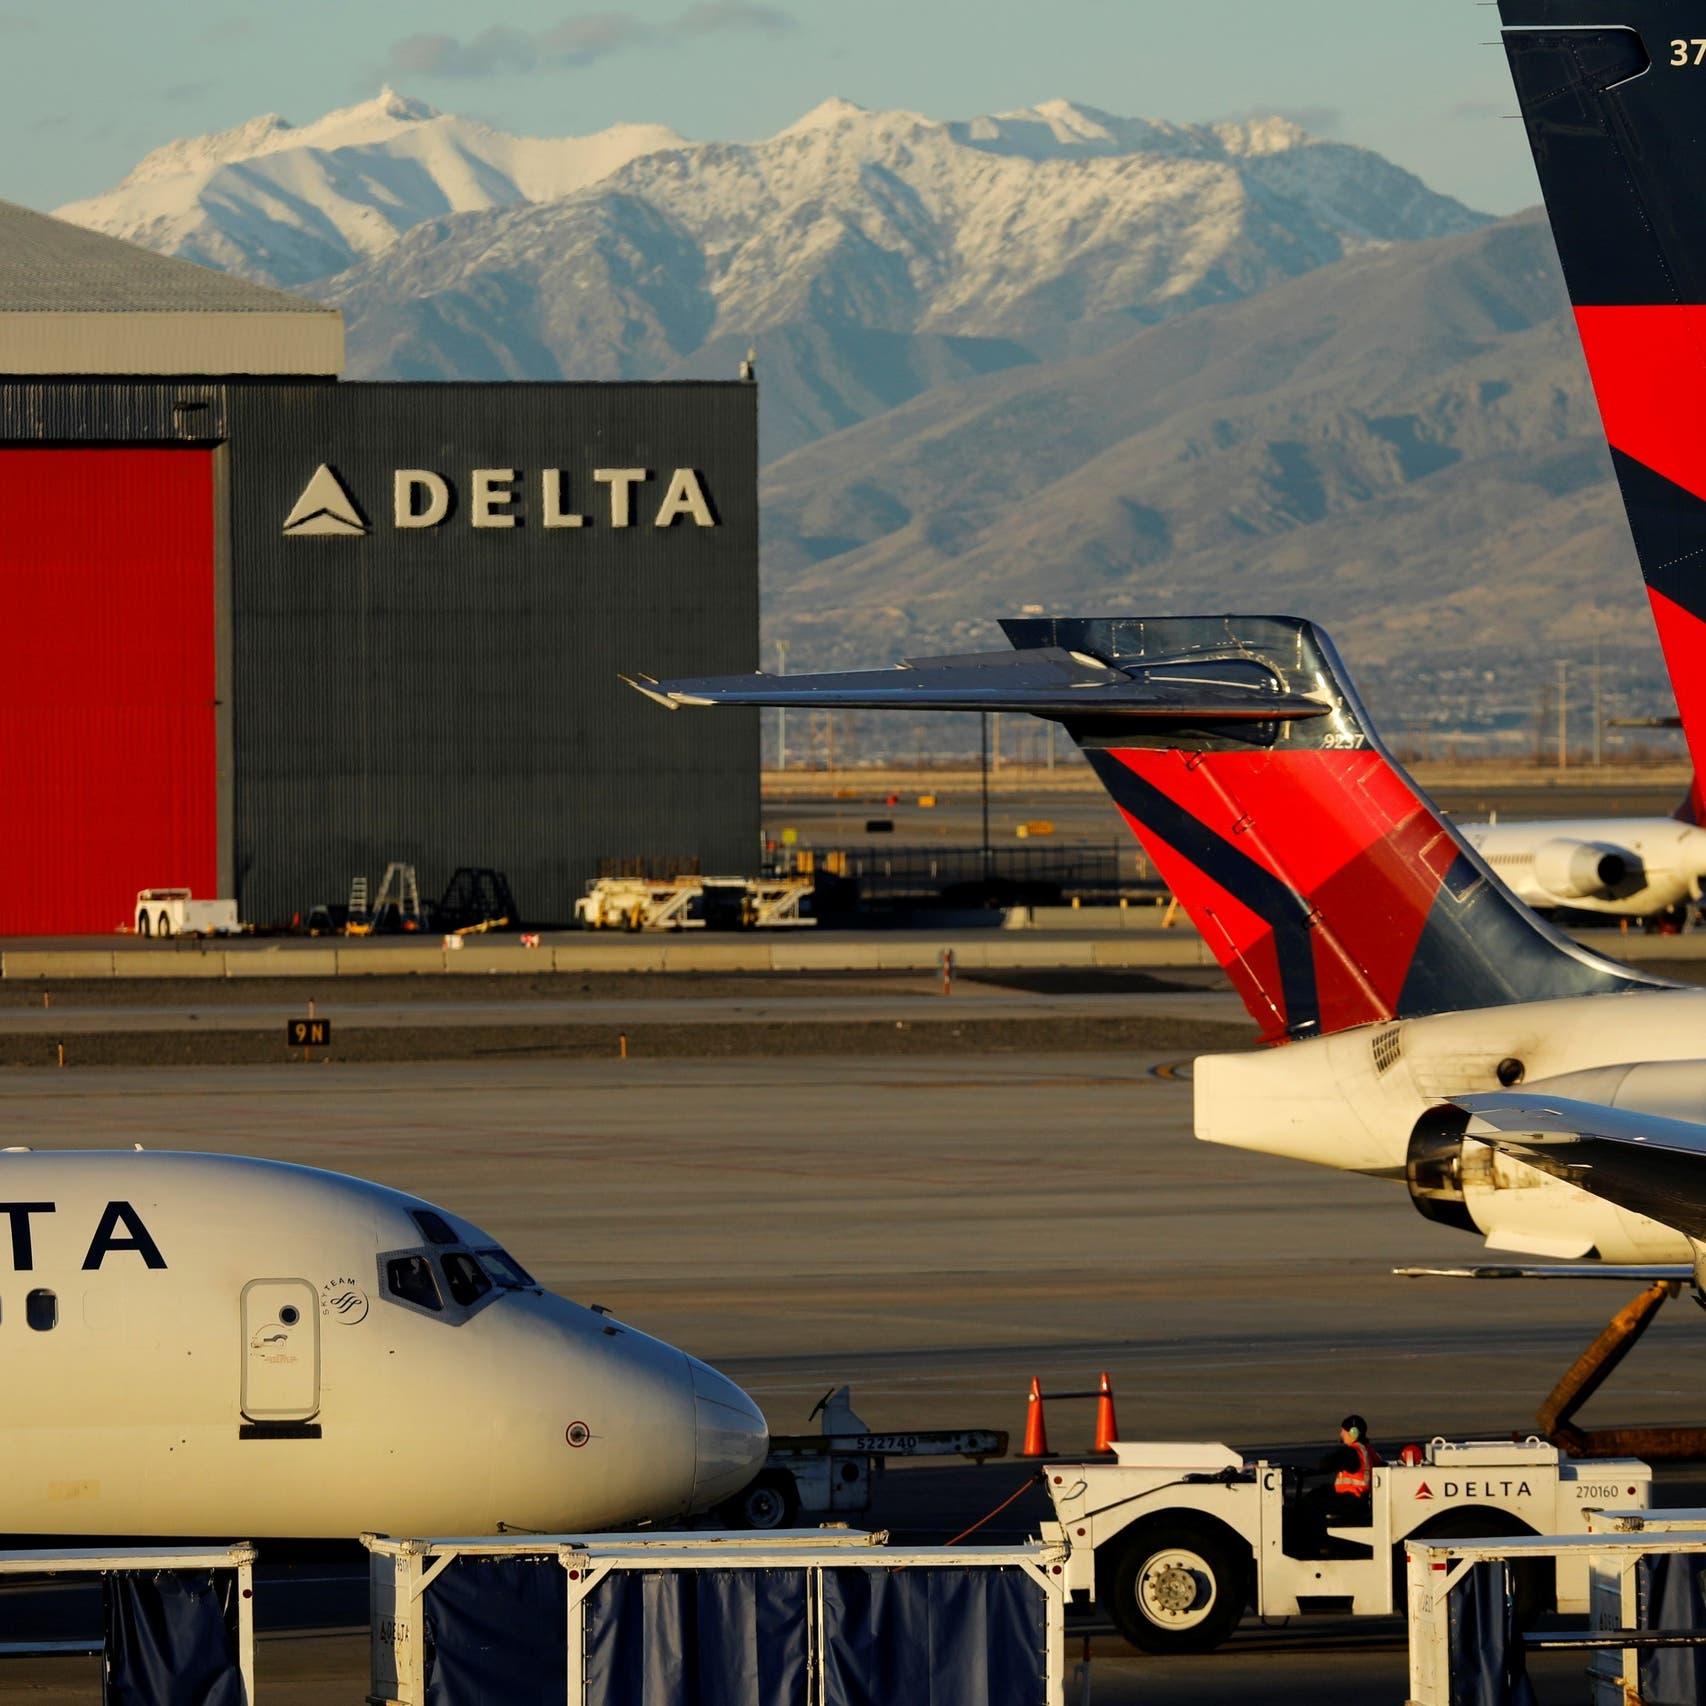 أكبر شركة طيران أميركية تتكبد أول خسارة فصلية في 5 سنوات